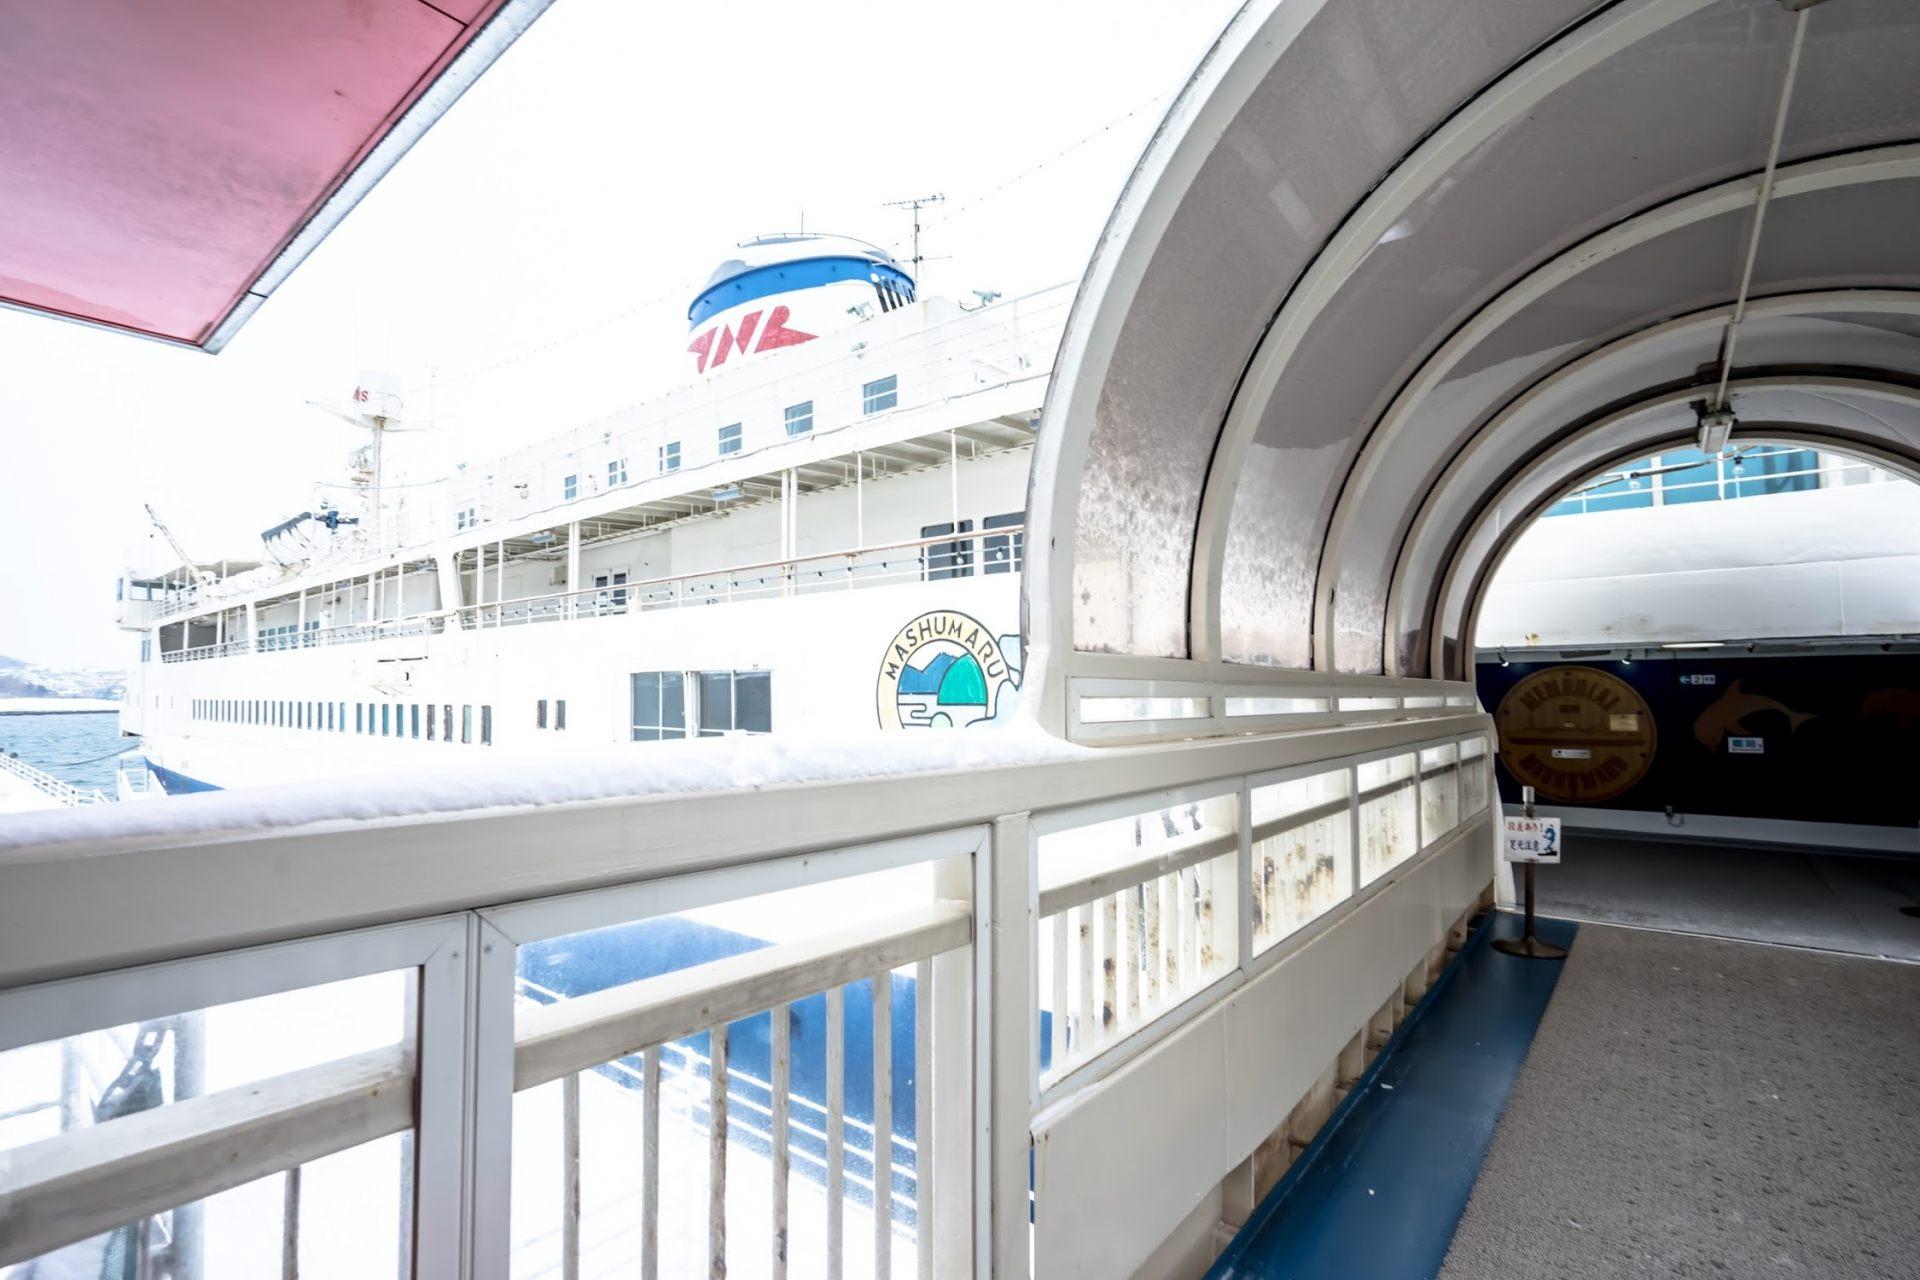 进入船内观看